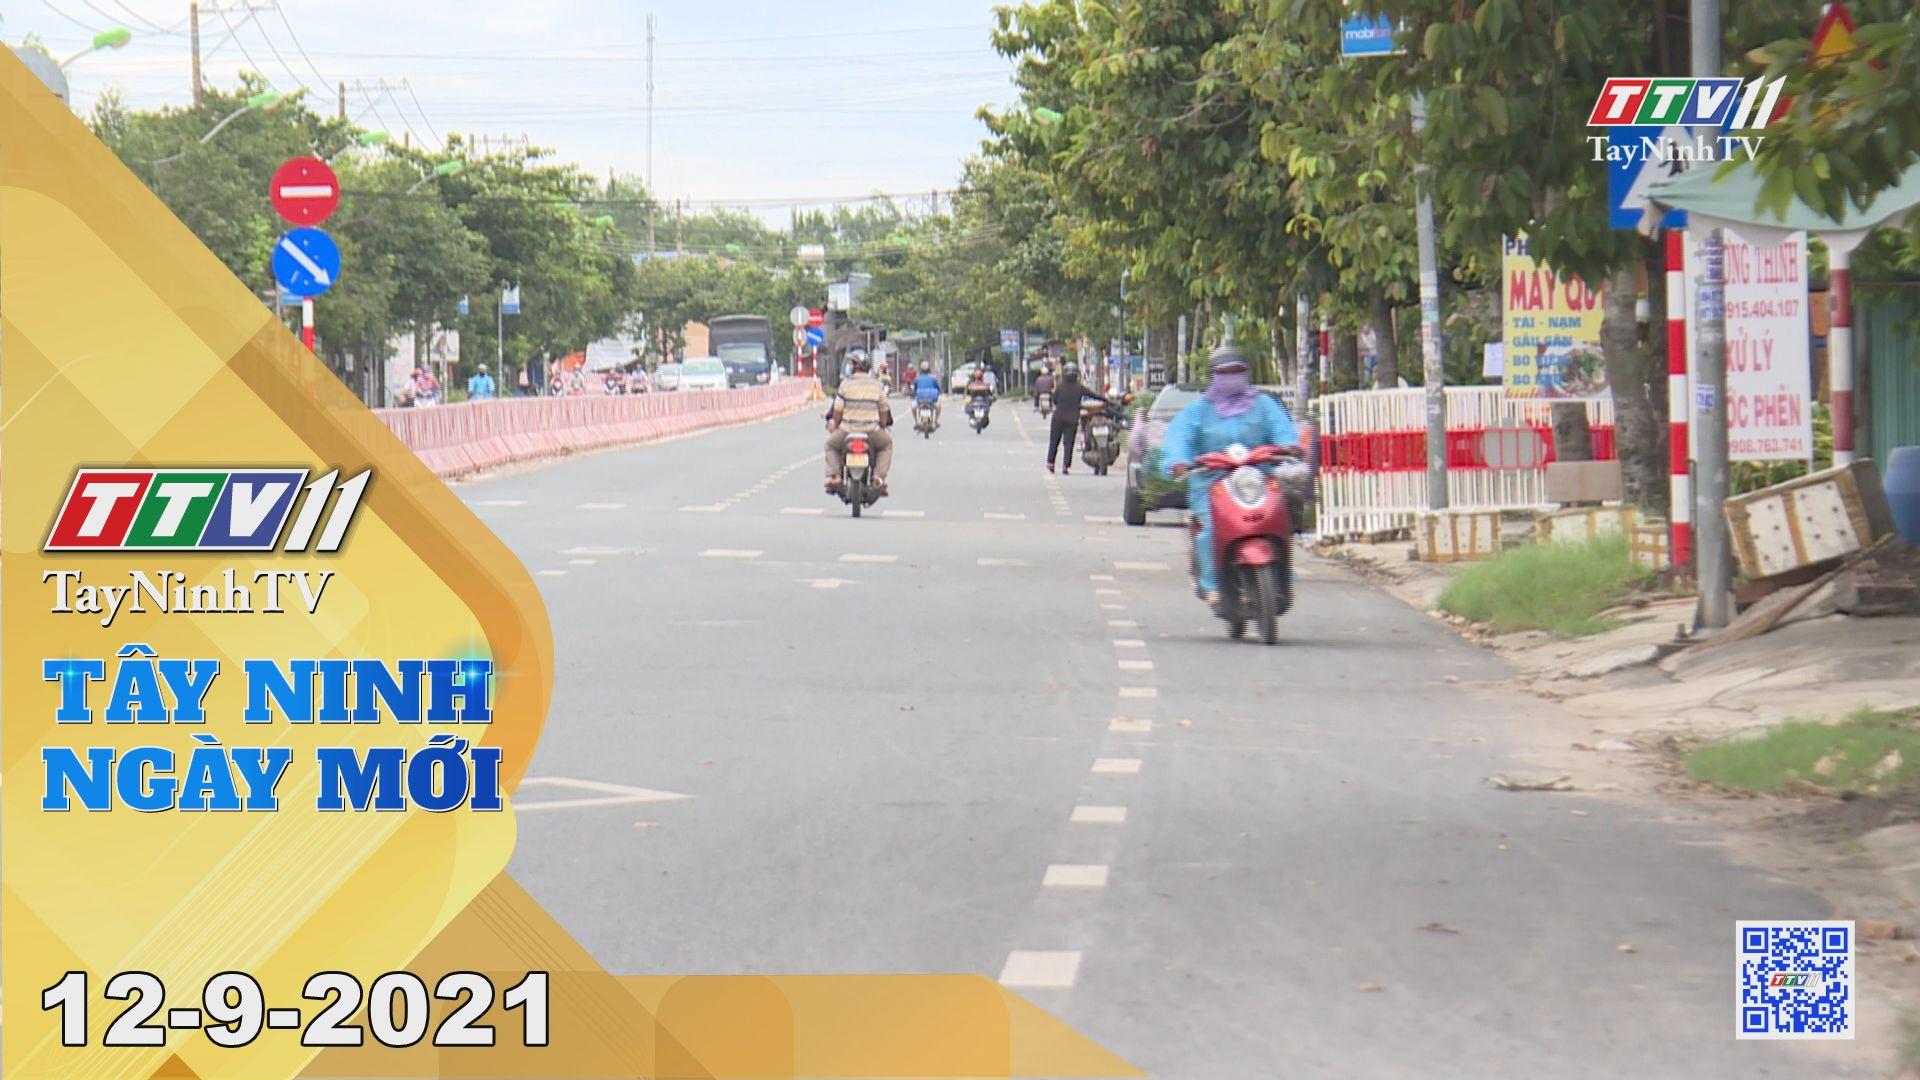 Tây Ninh Ngày Mới 12-9-2021 | Tin tức hôm nay | TayNinhTV